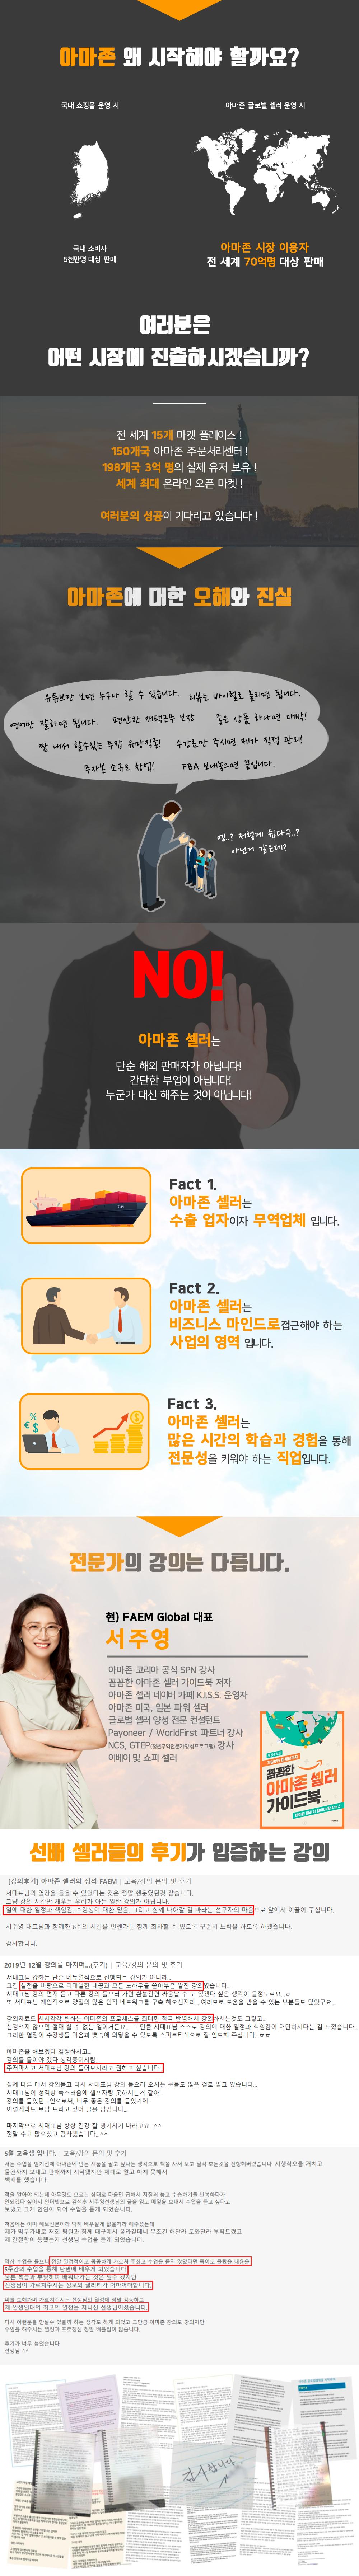 강의소개-1.png